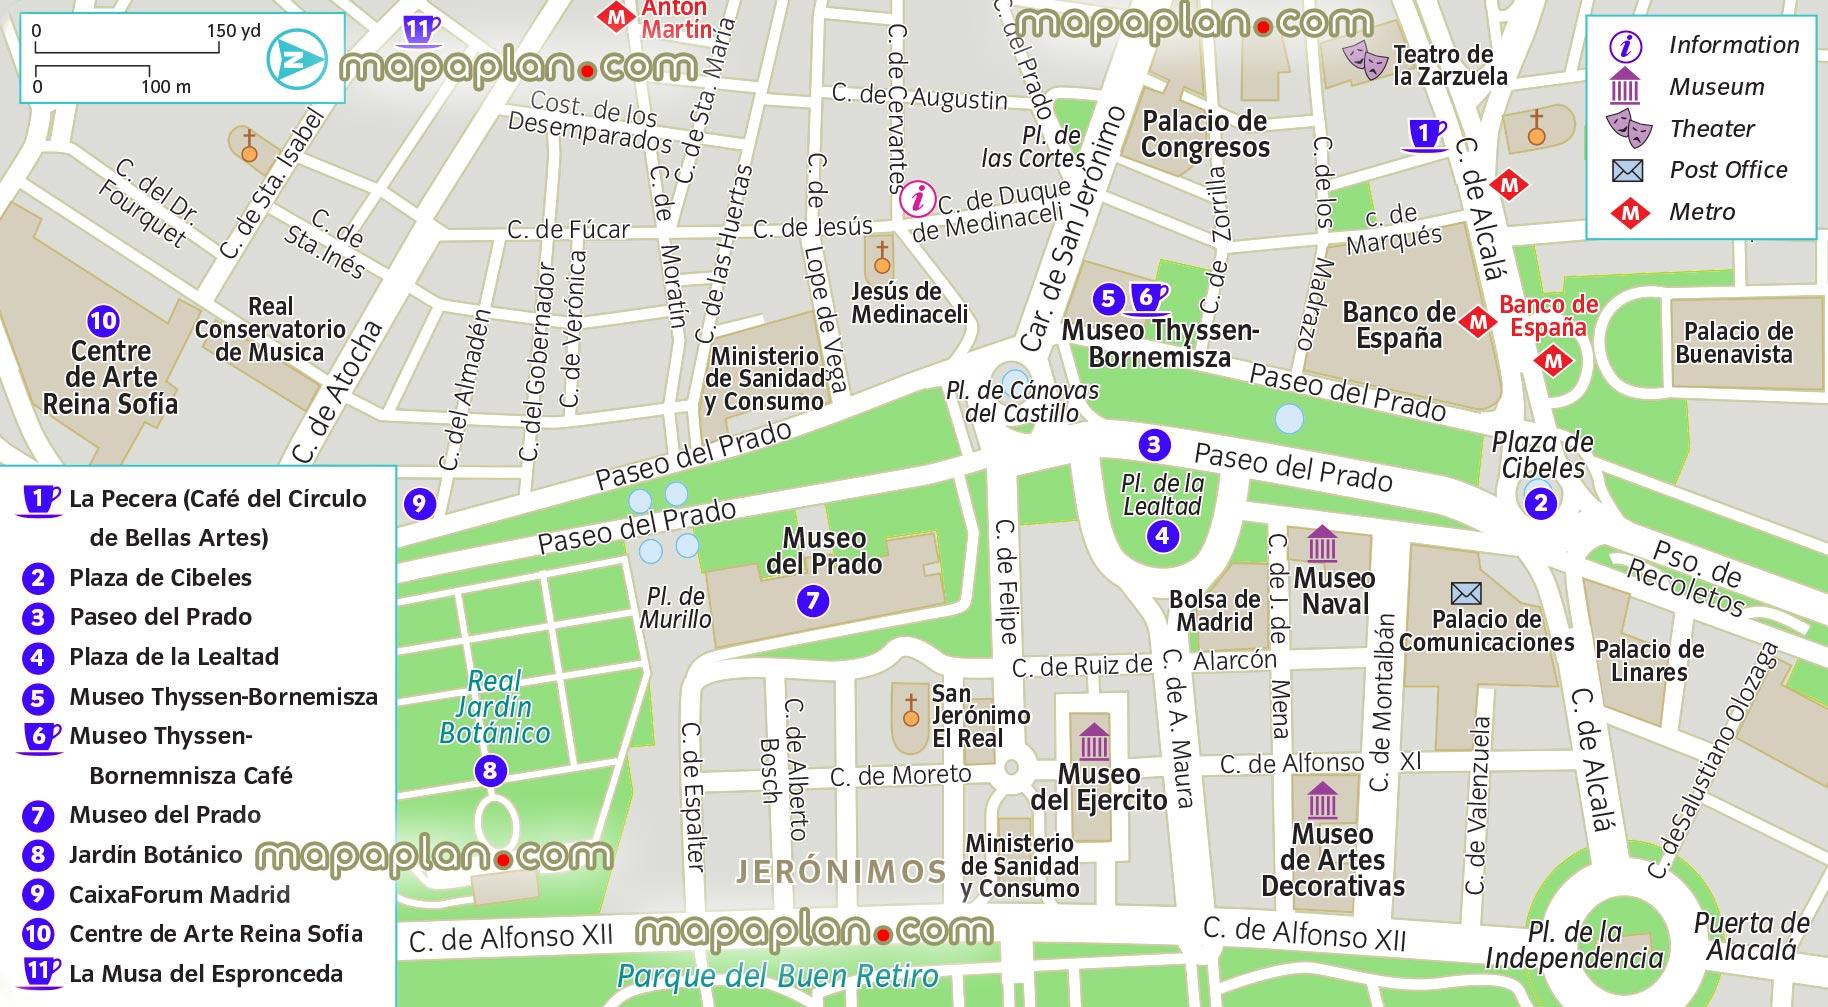 Qué hacer en Madrid el puente de diciembre. Recorrer el Paseo del Arte